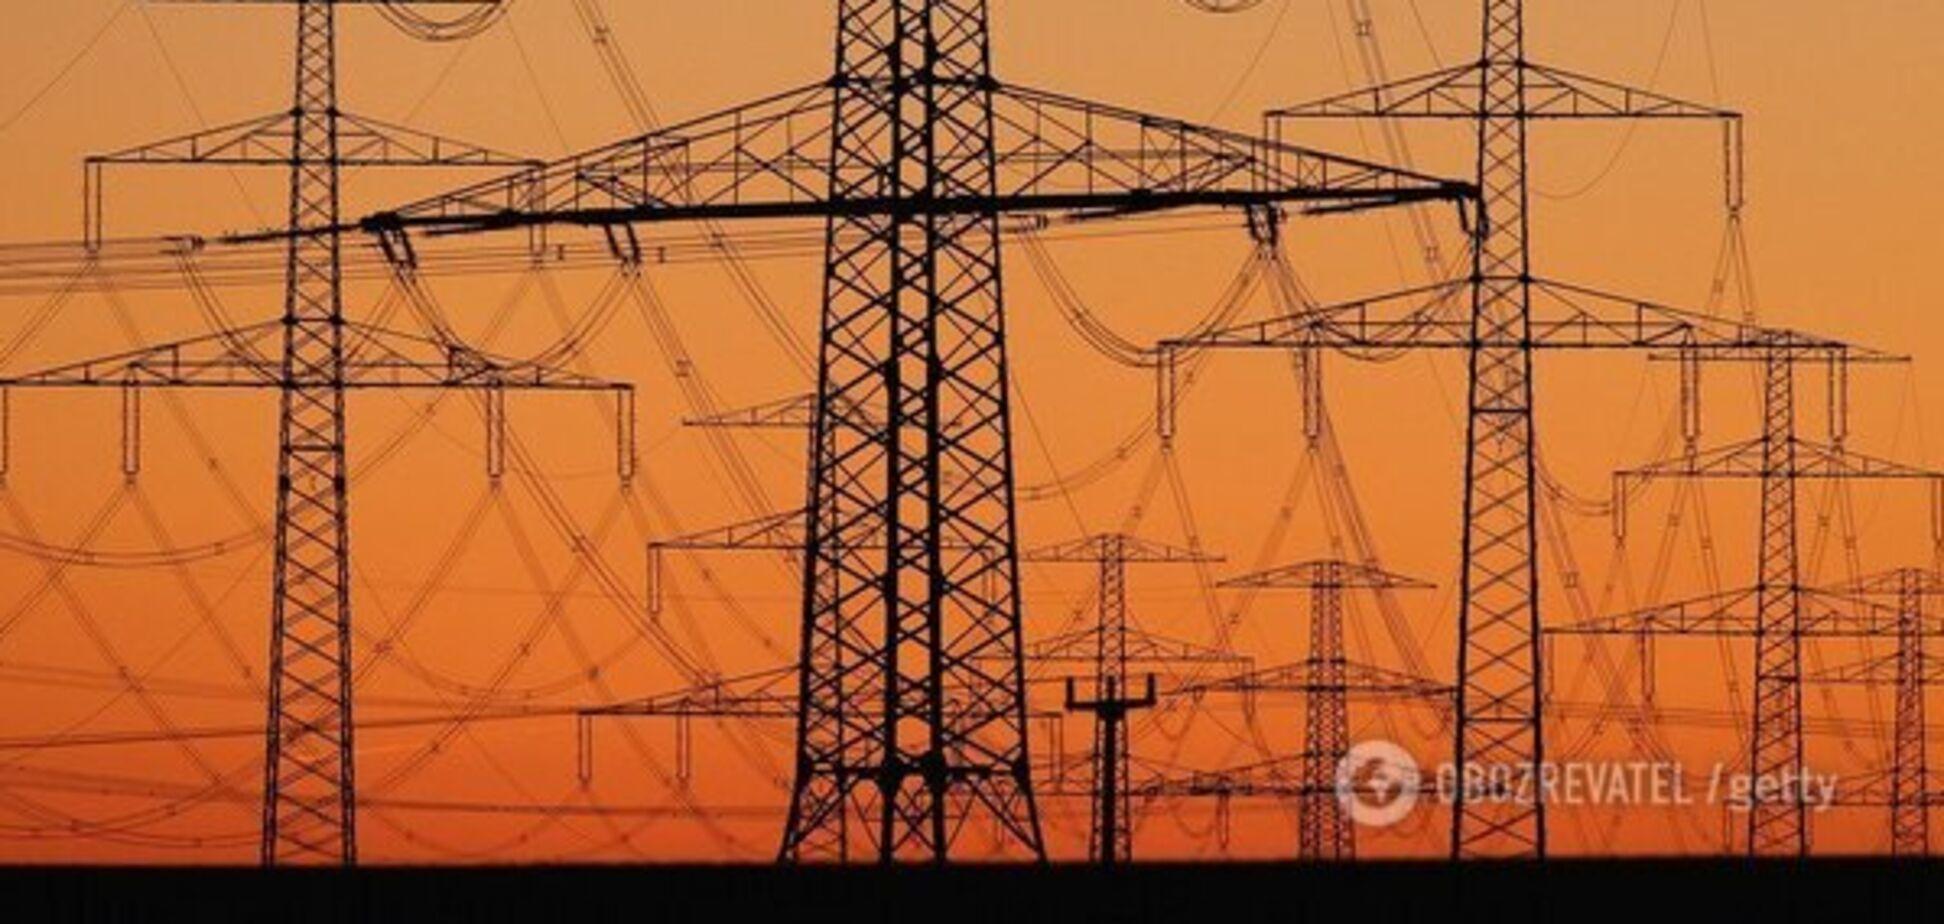 Европейская бизнес ассоциация вслед за Энергосообществом ЕС выступила против ограничения экспорта электроэнергии